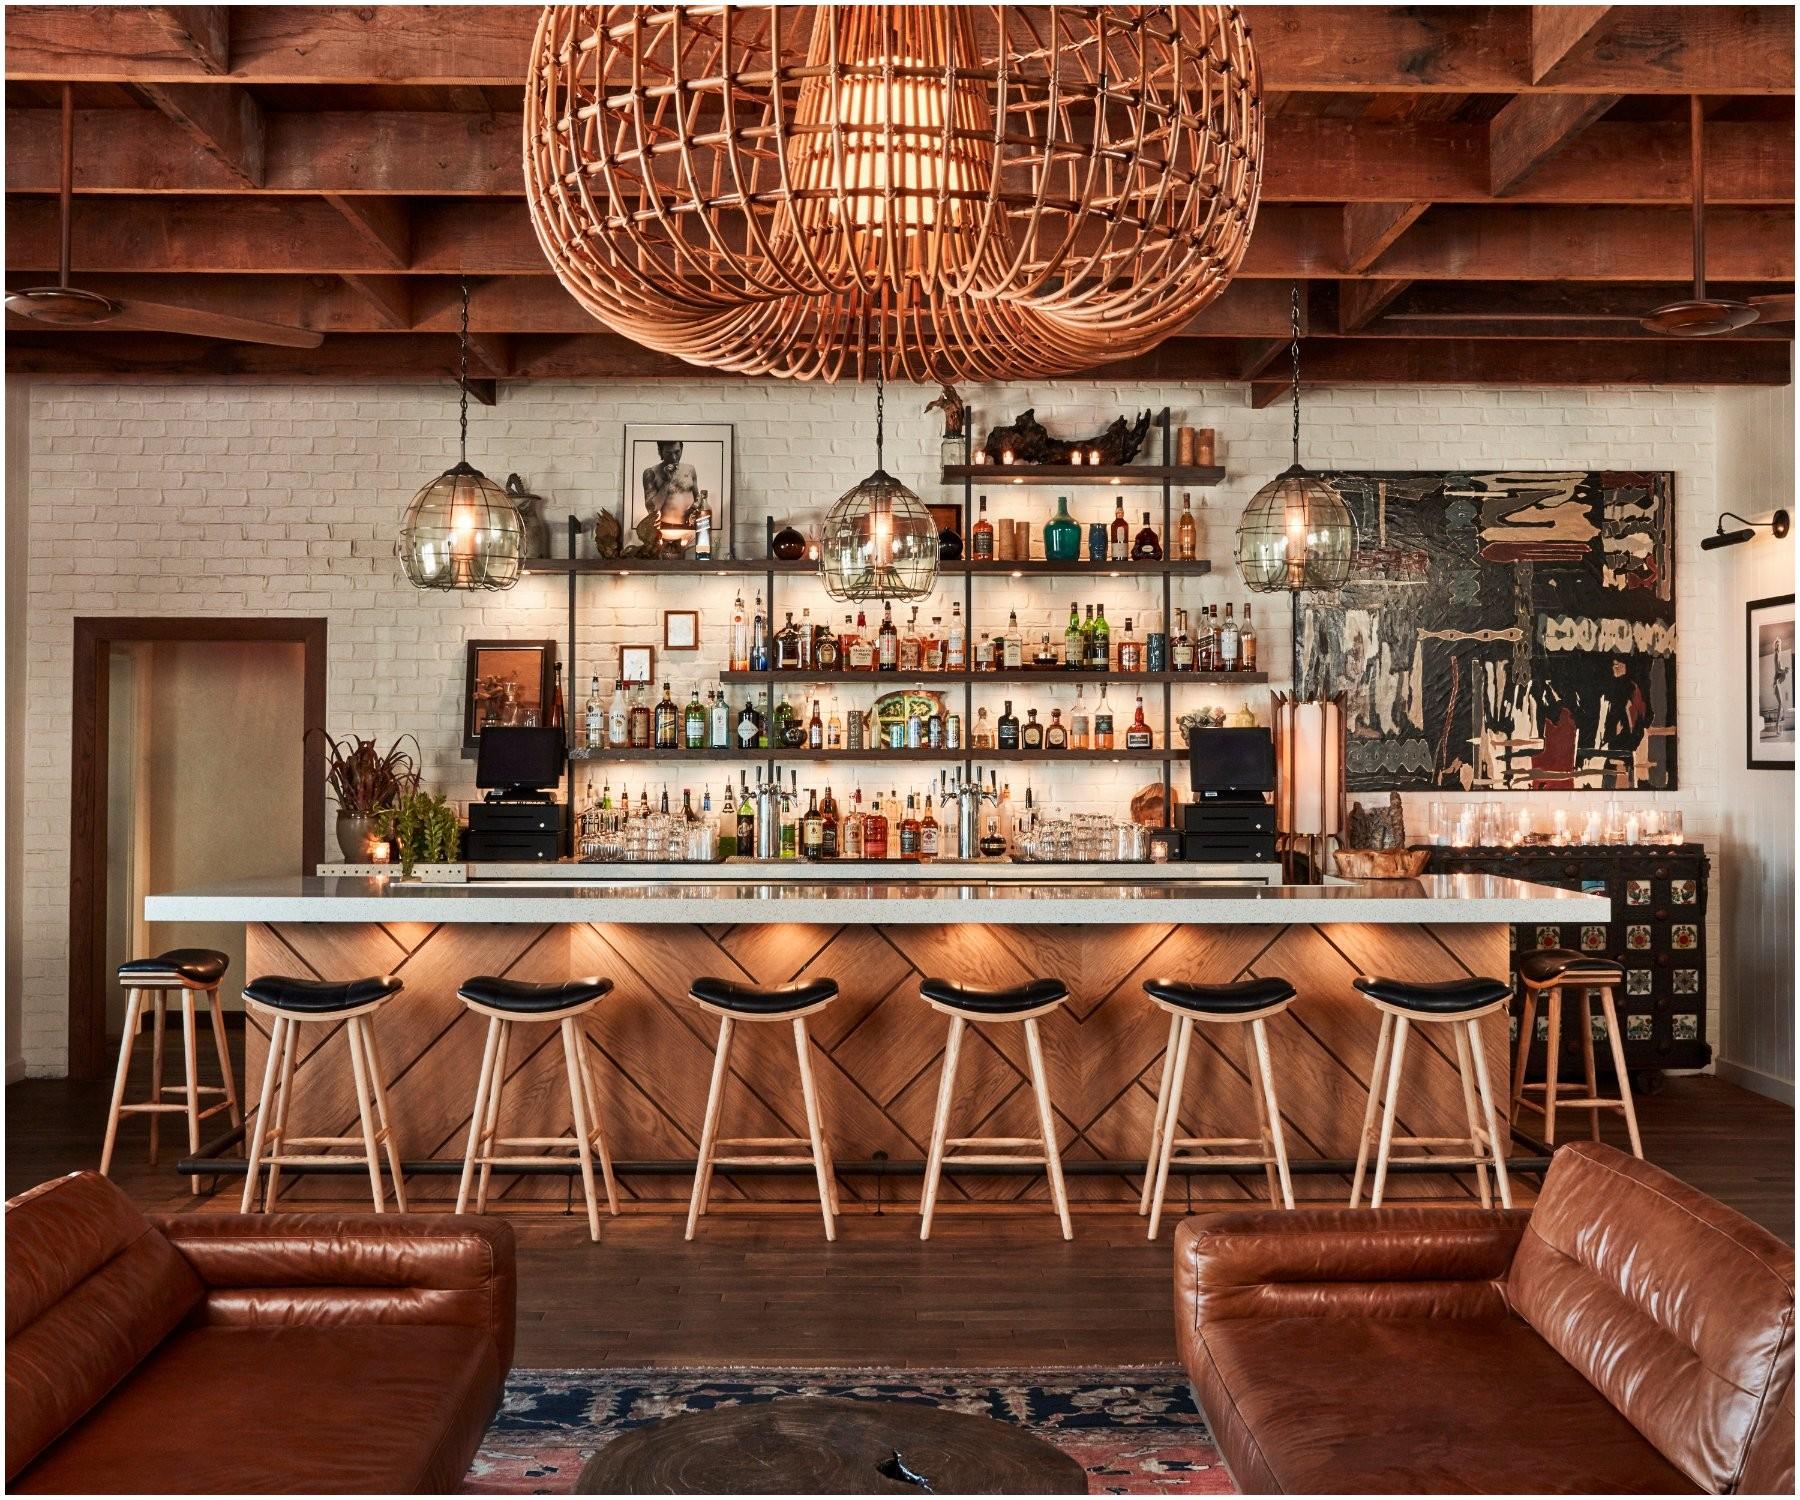 Top Italian Restaurants In Laguna Beach